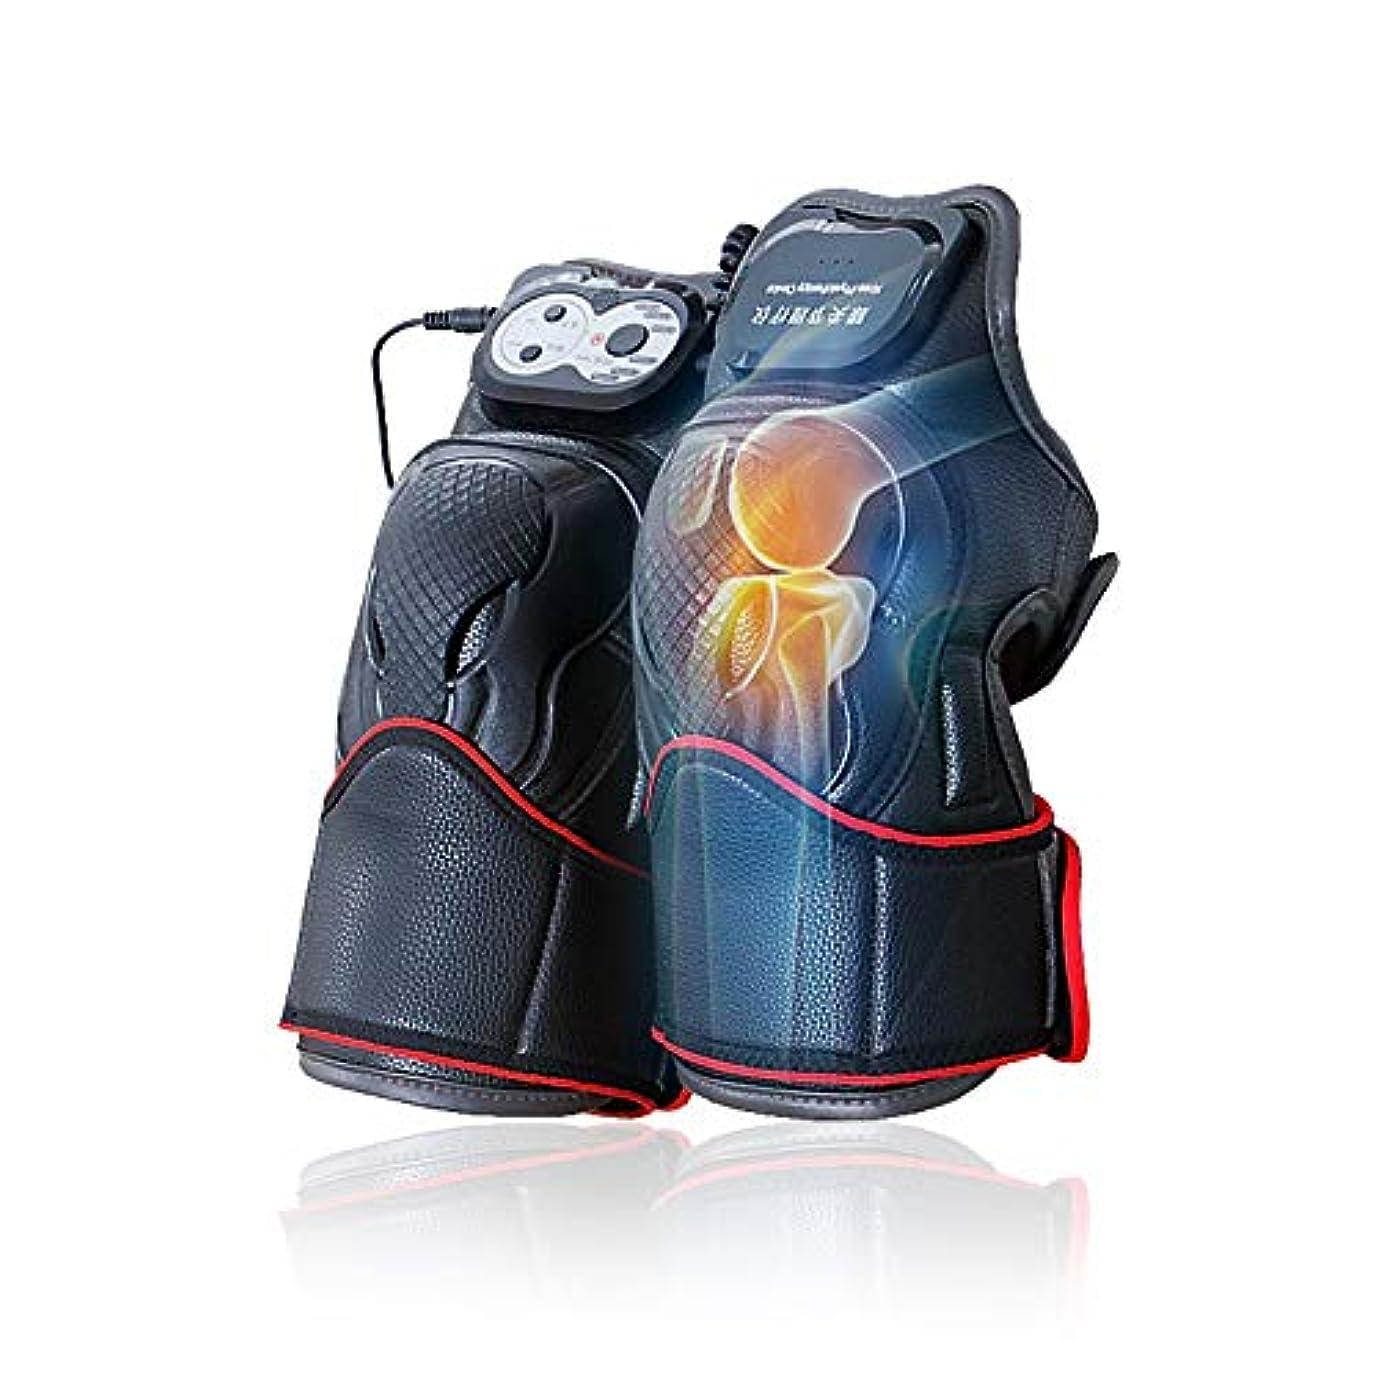 特別な計り知れないカラスマッサージ器 マッサージ ひざ マッサージャー ヒーター マッサージ機 振動 レッグマッサージャー 通気性 フットマッサージャー 赤外線療法 膝サポーター ストレス解消(二枚入り)